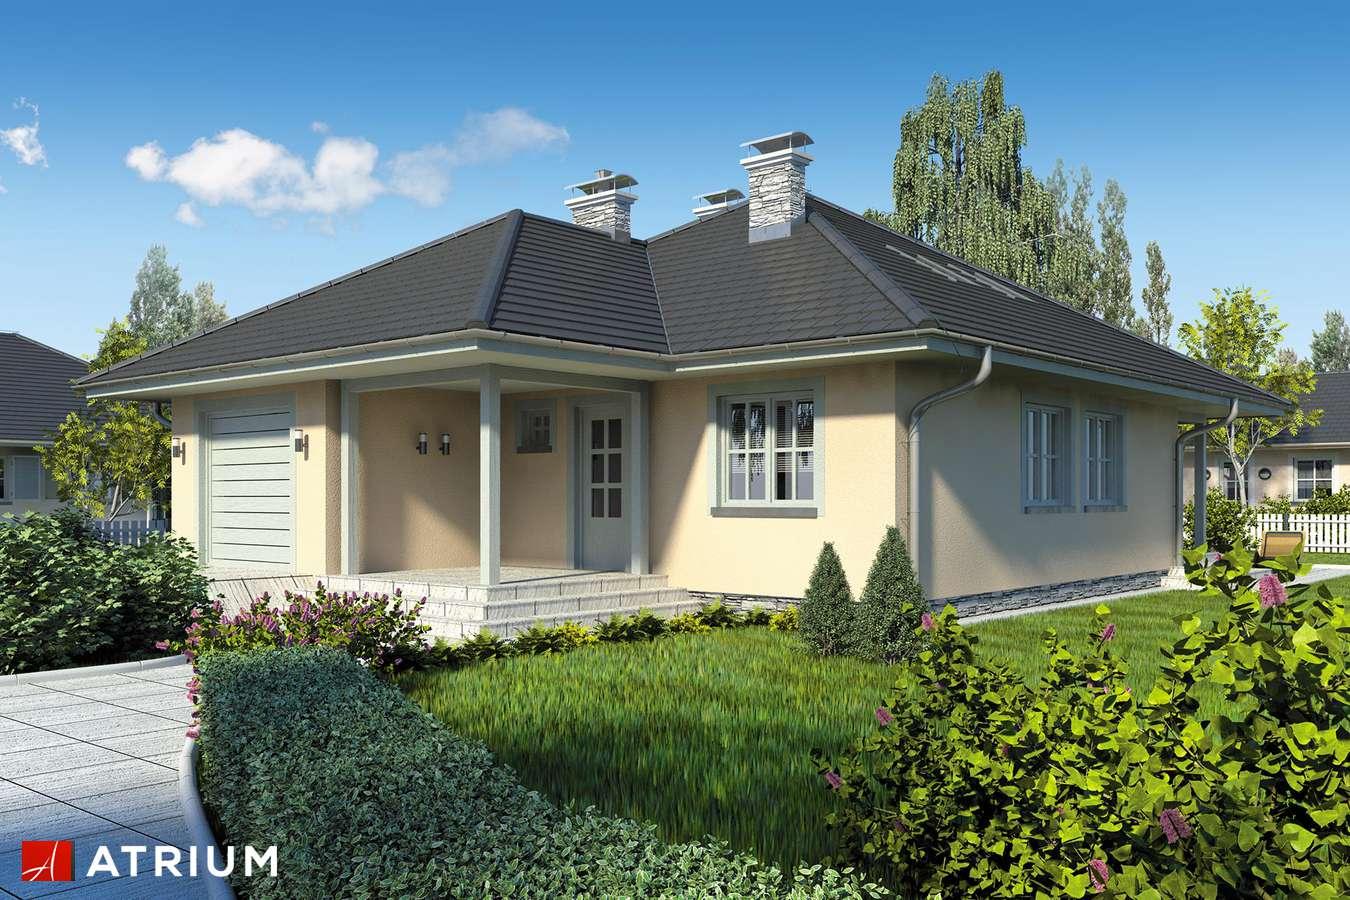 Projekty domów - Projekt domu z poddaszem PELIKAN - wizualizacja 1 - wersja lustrzana